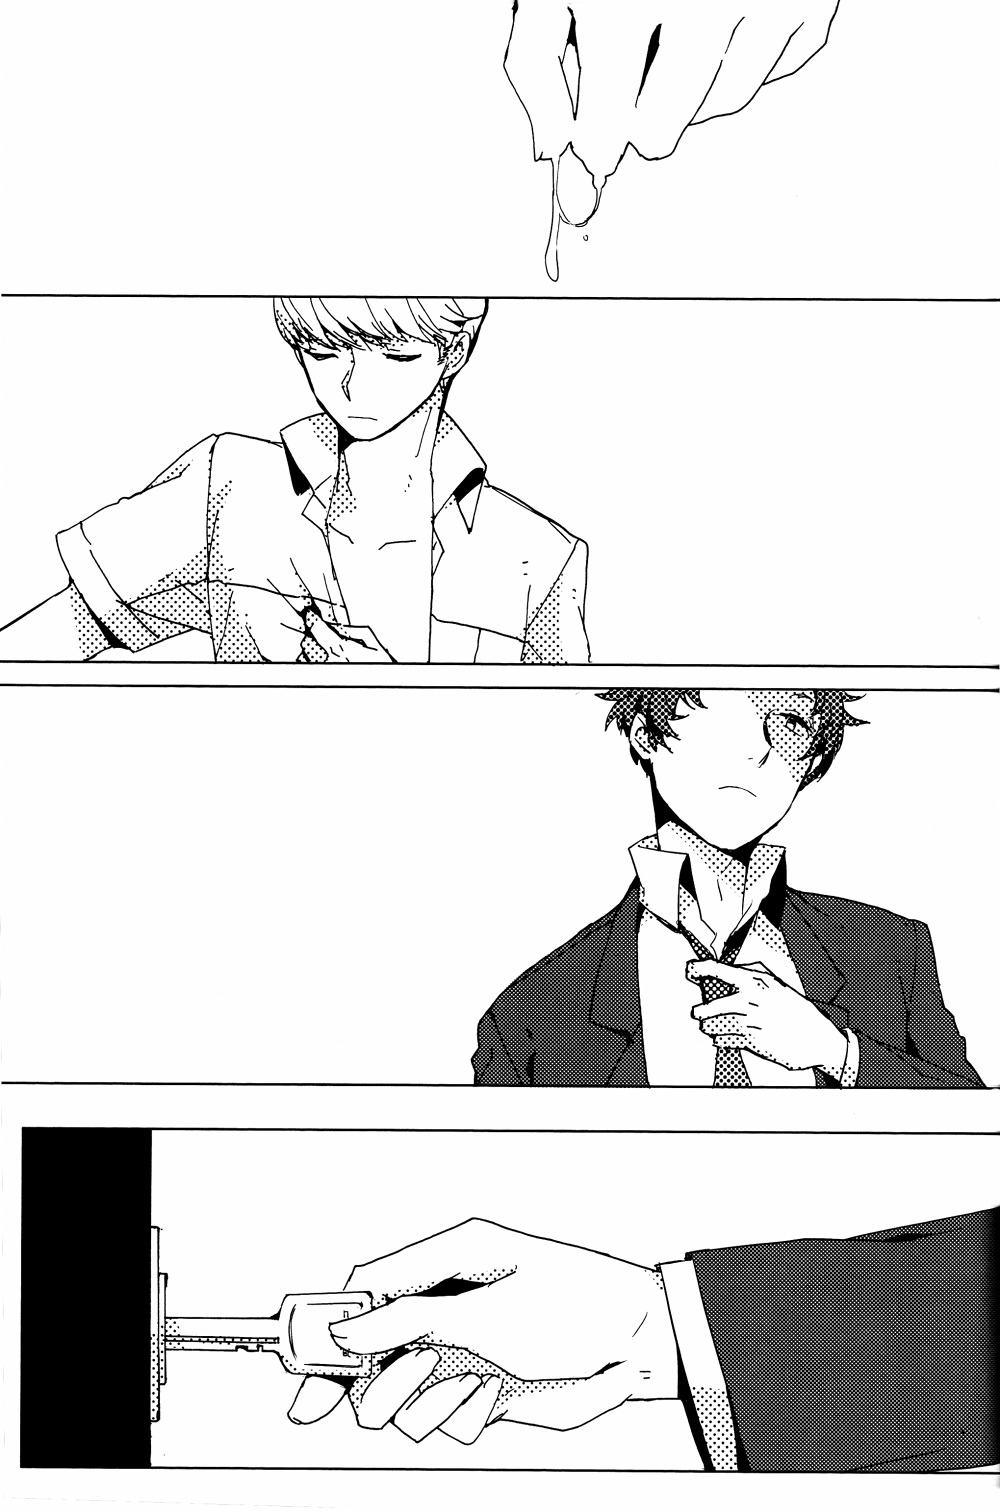 Chia Sẻ Sự Tĩnh Lặng - Tác giả HEART STATION (Ebisushi) - Trang 10